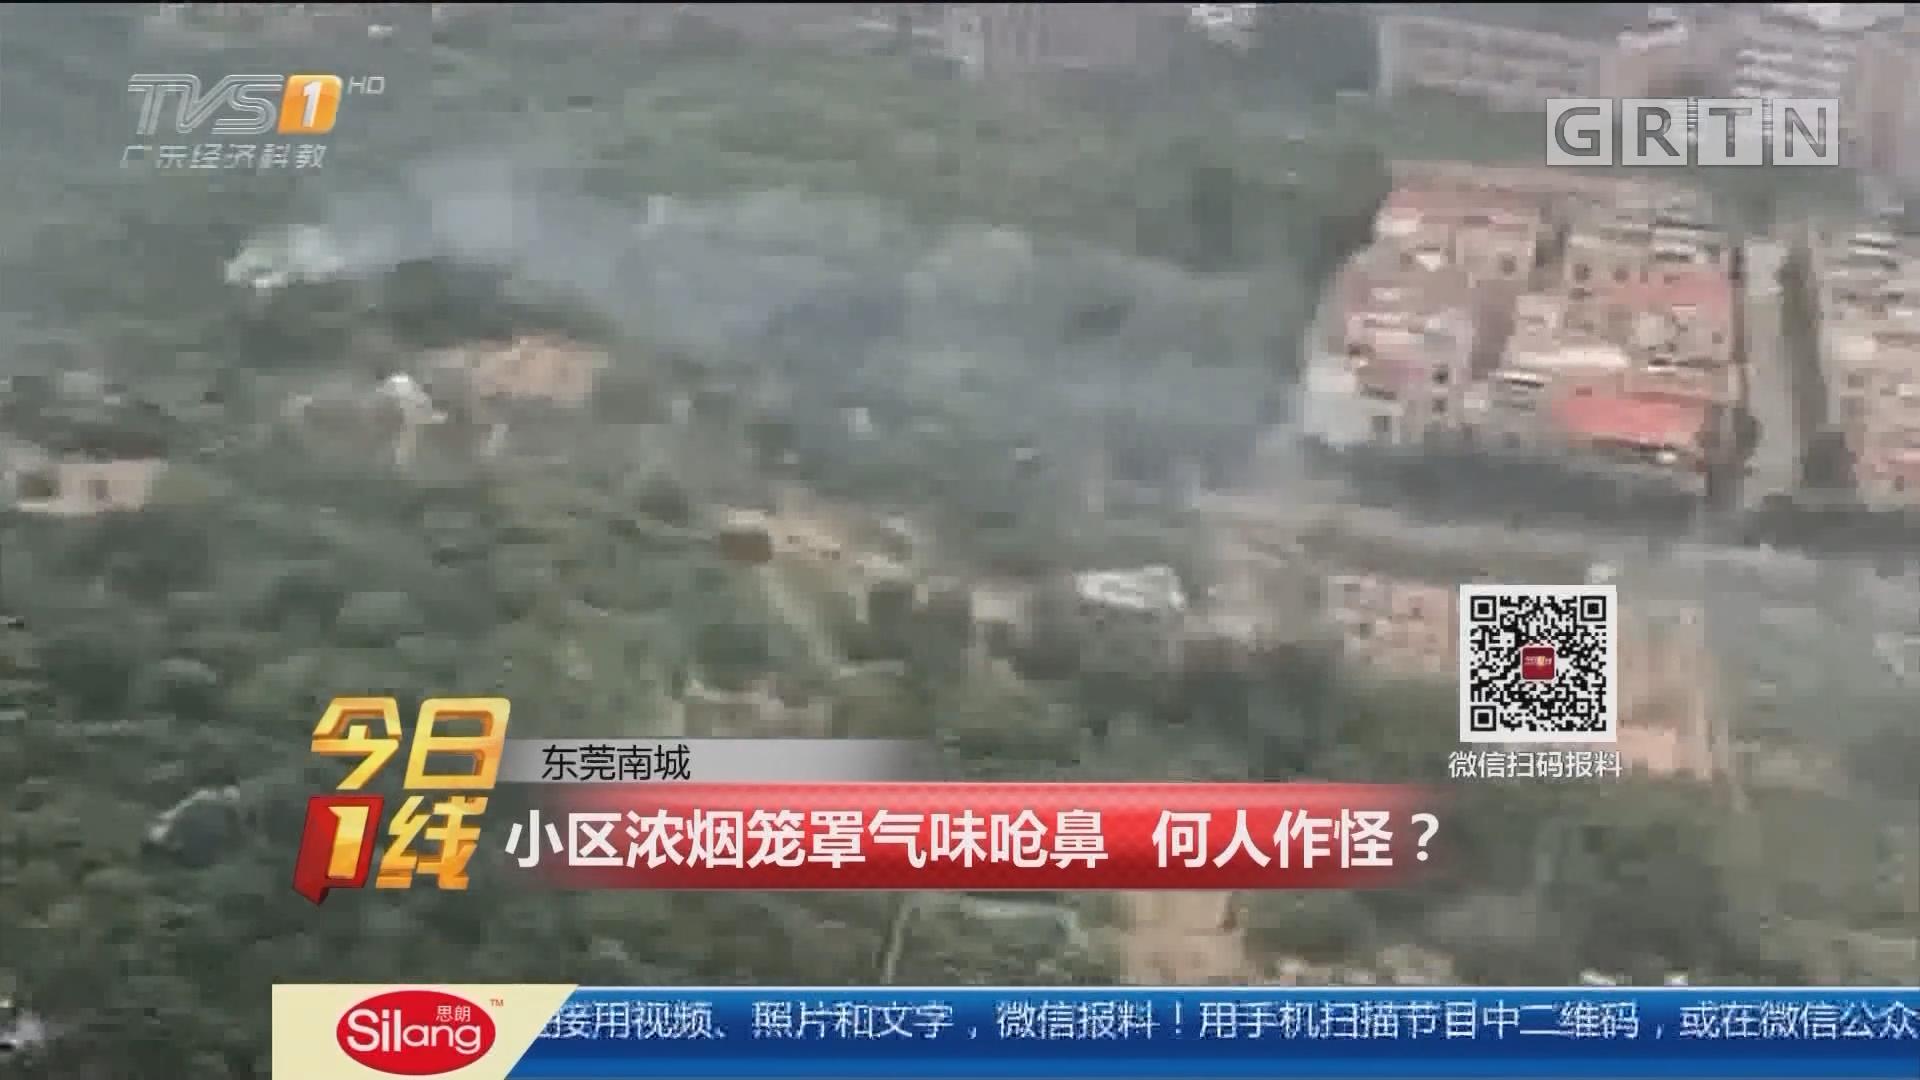 东莞南城:小区浓烟笼罩气味呛鼻 何人作怪?